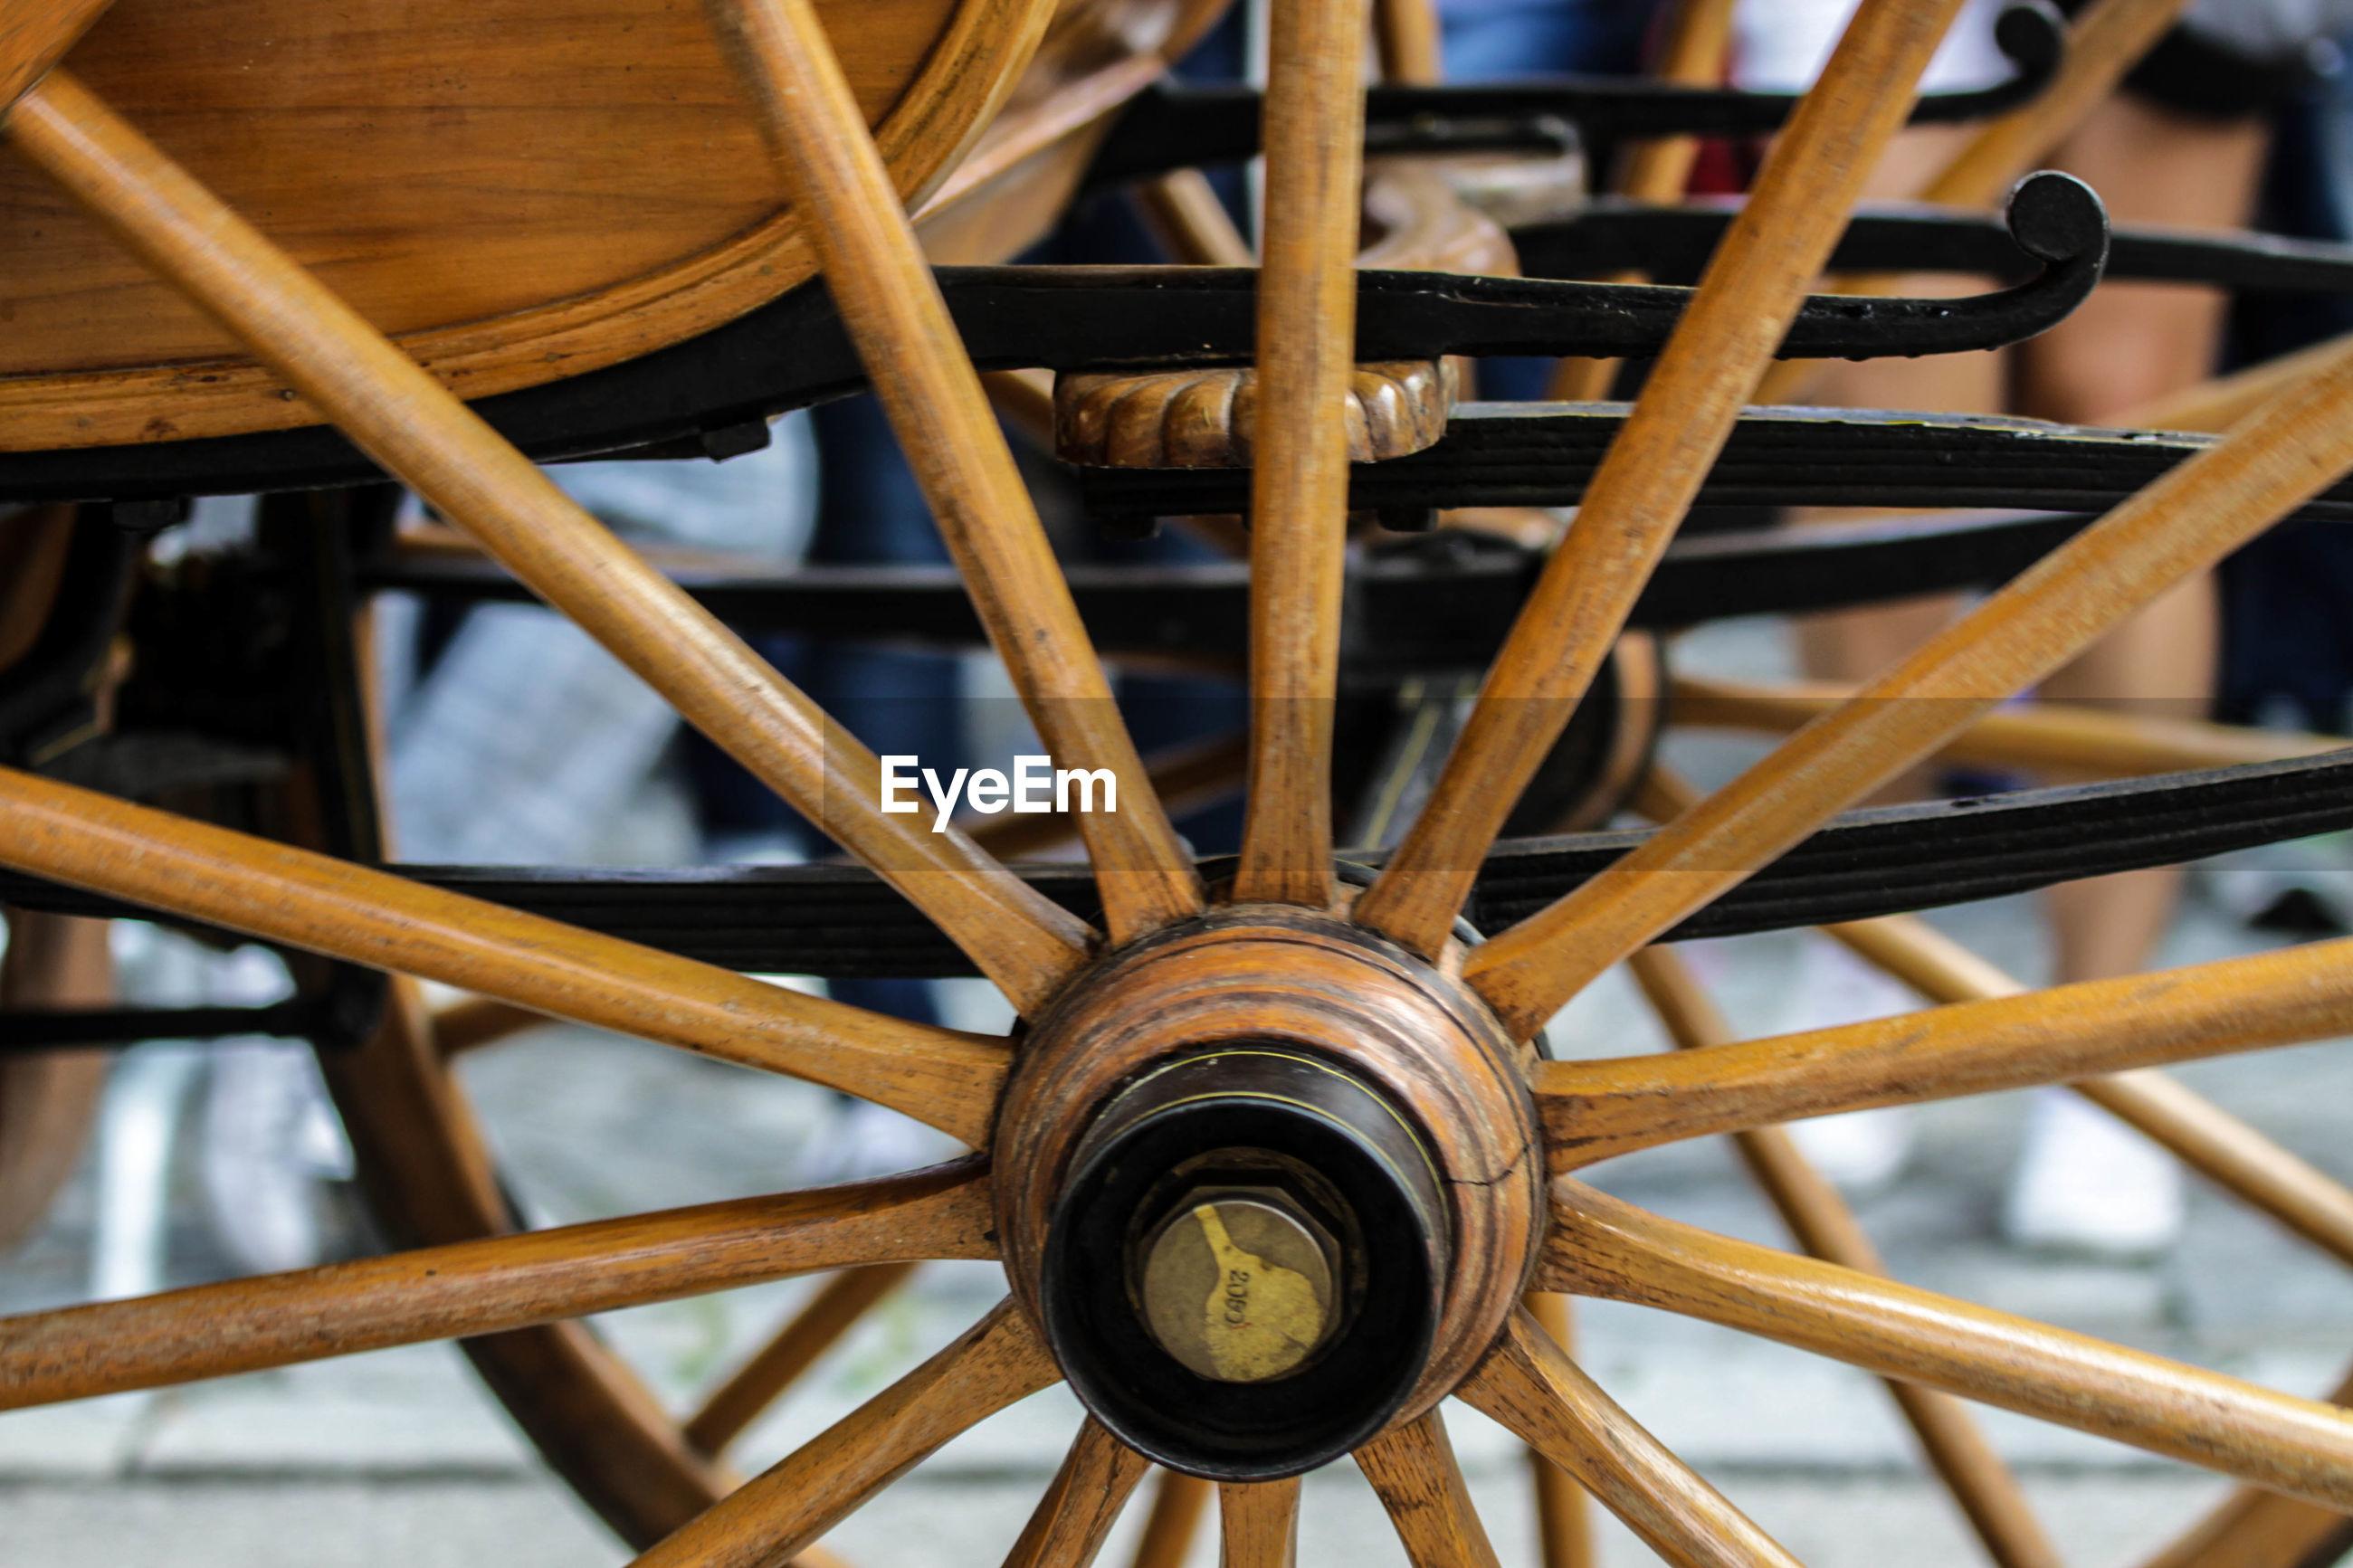 Full frame shot of wooden cart